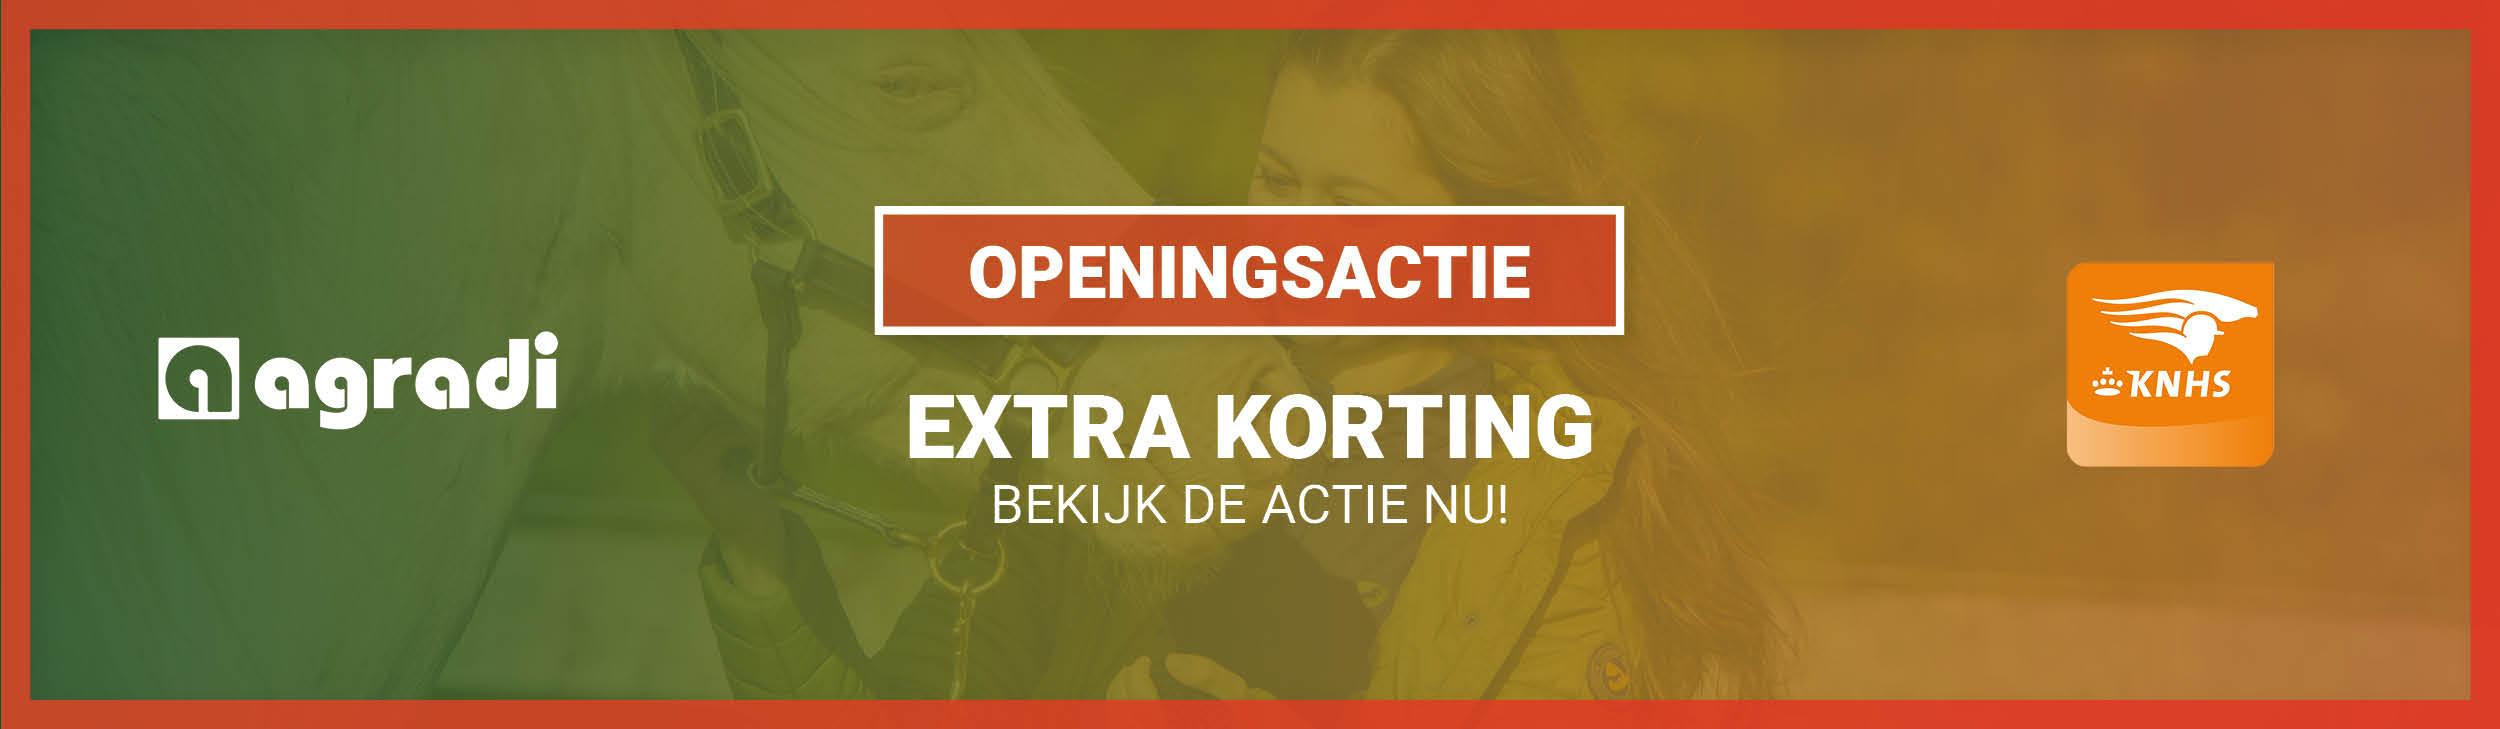 KNHS_ledenvoordeel_openingsactie.jpg